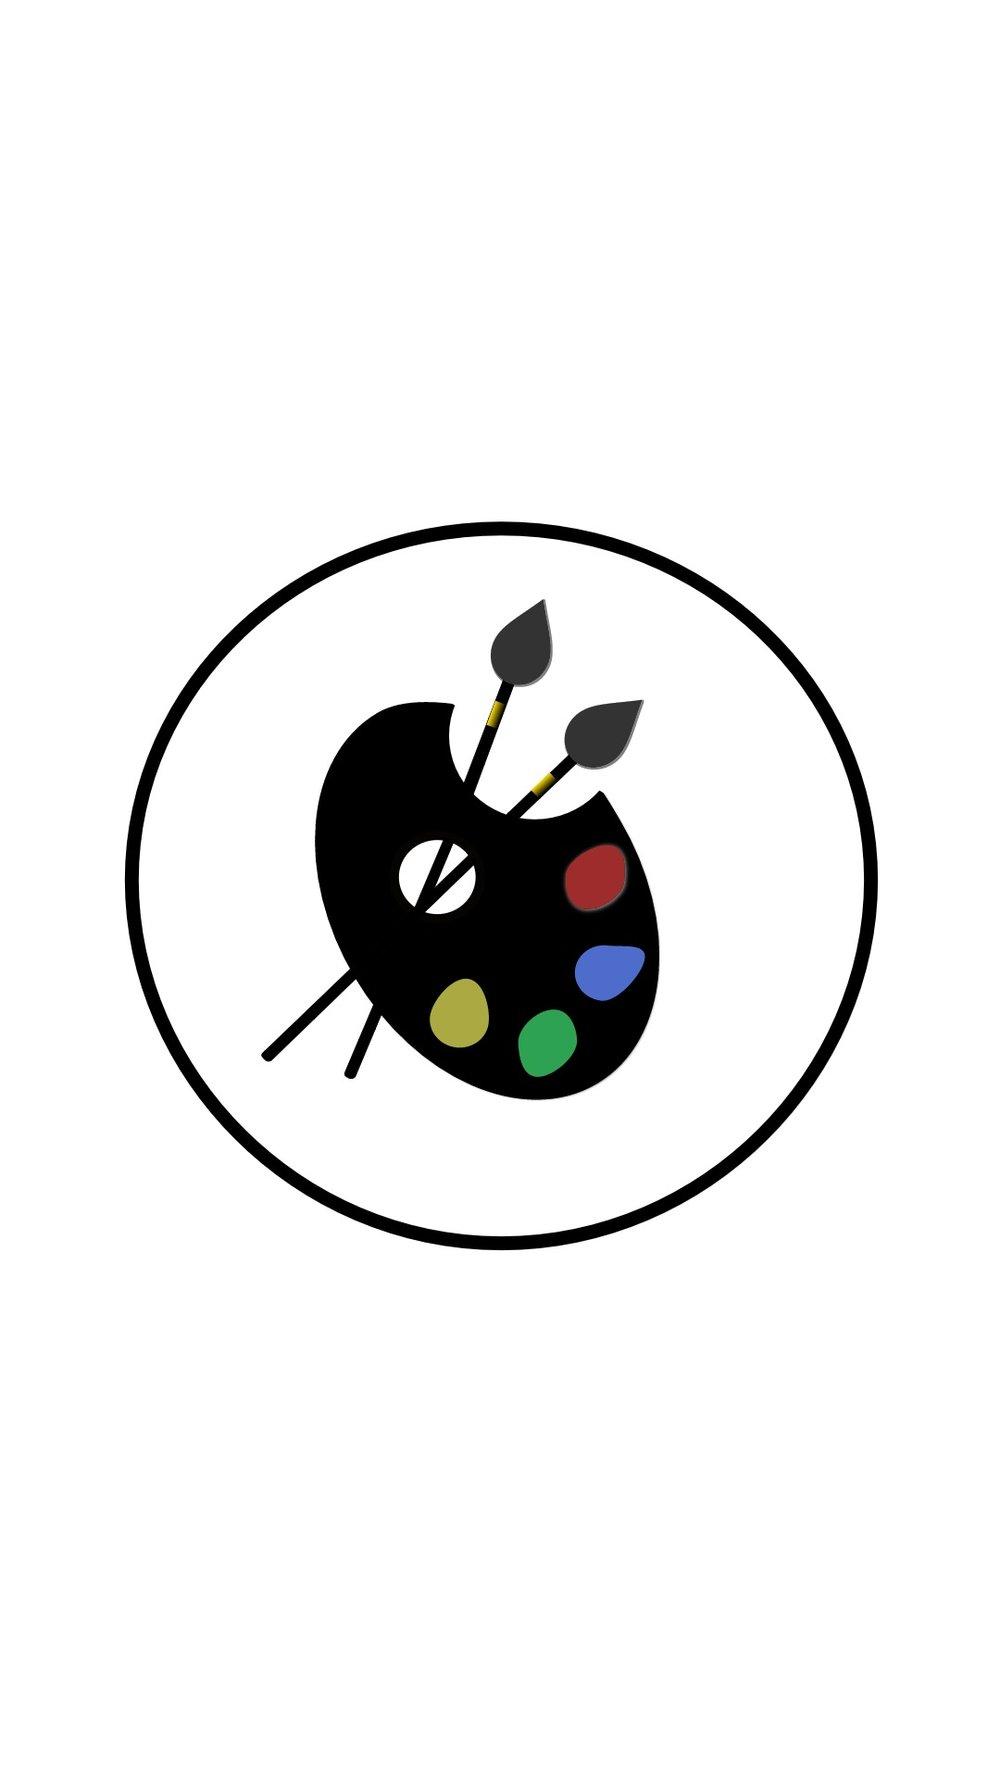 Instagram-cover-paint-blackwhite-lotnotes.com.jpg